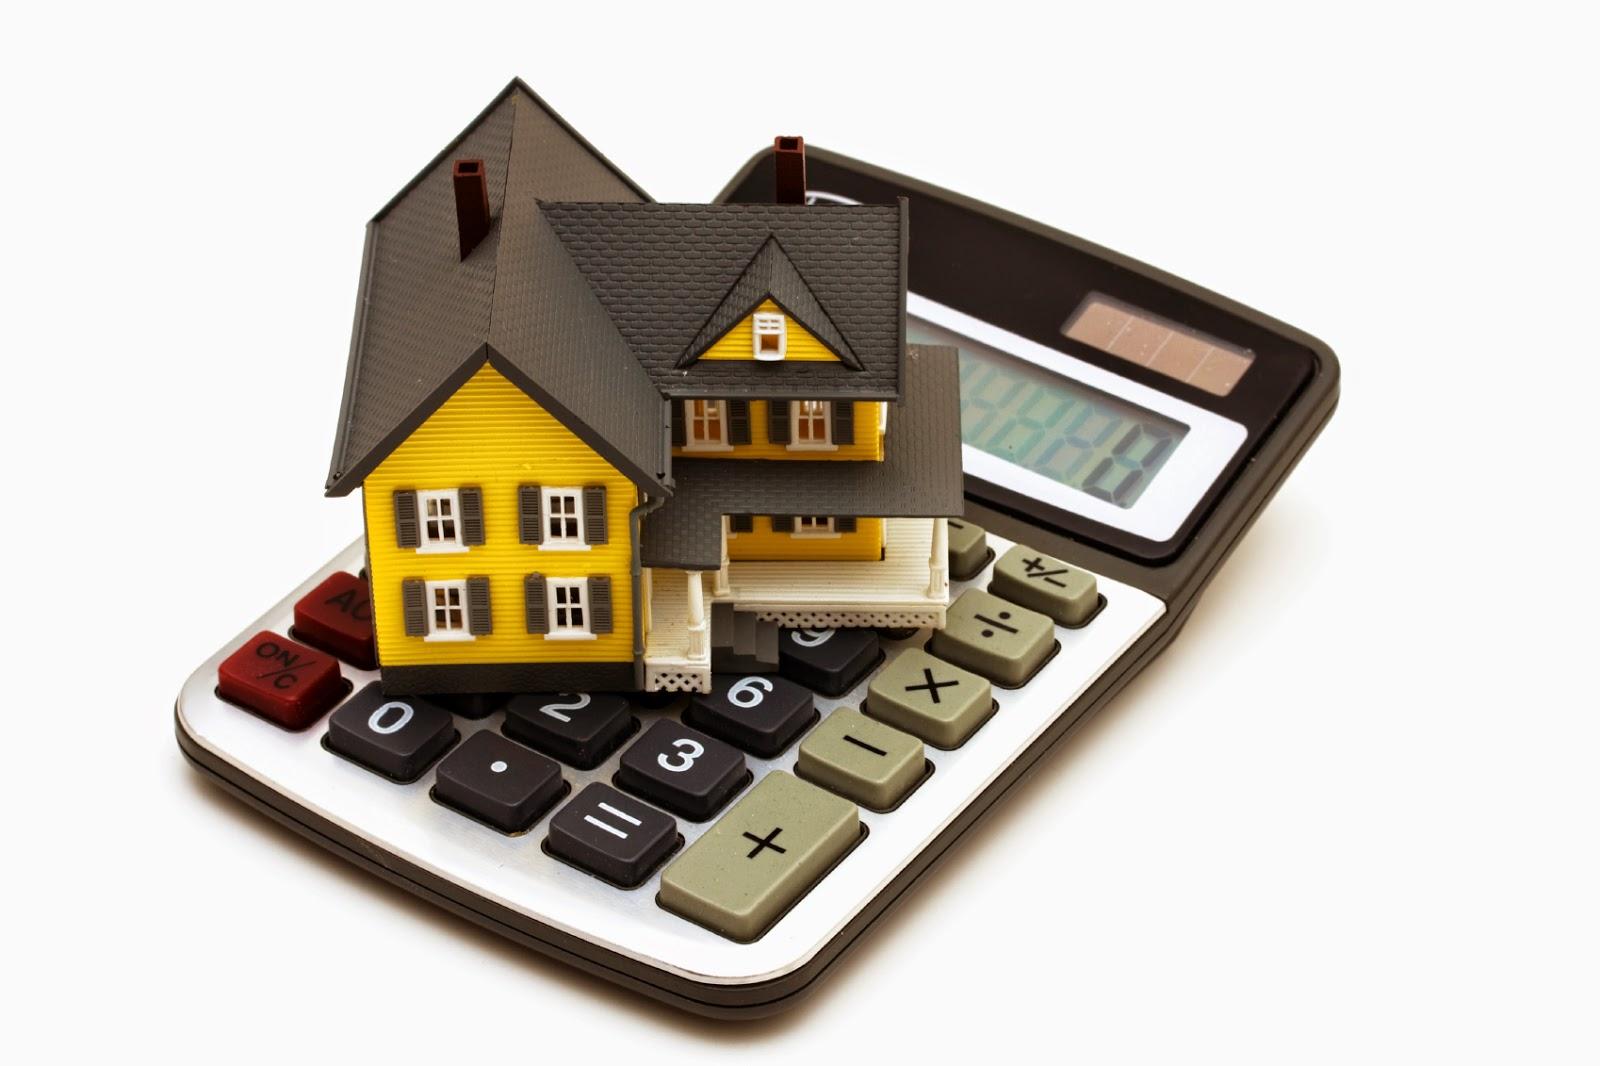 Sprawdź najtańsze oferty kredytów mieszkaniowych w 2014 roku w polskich bankach.